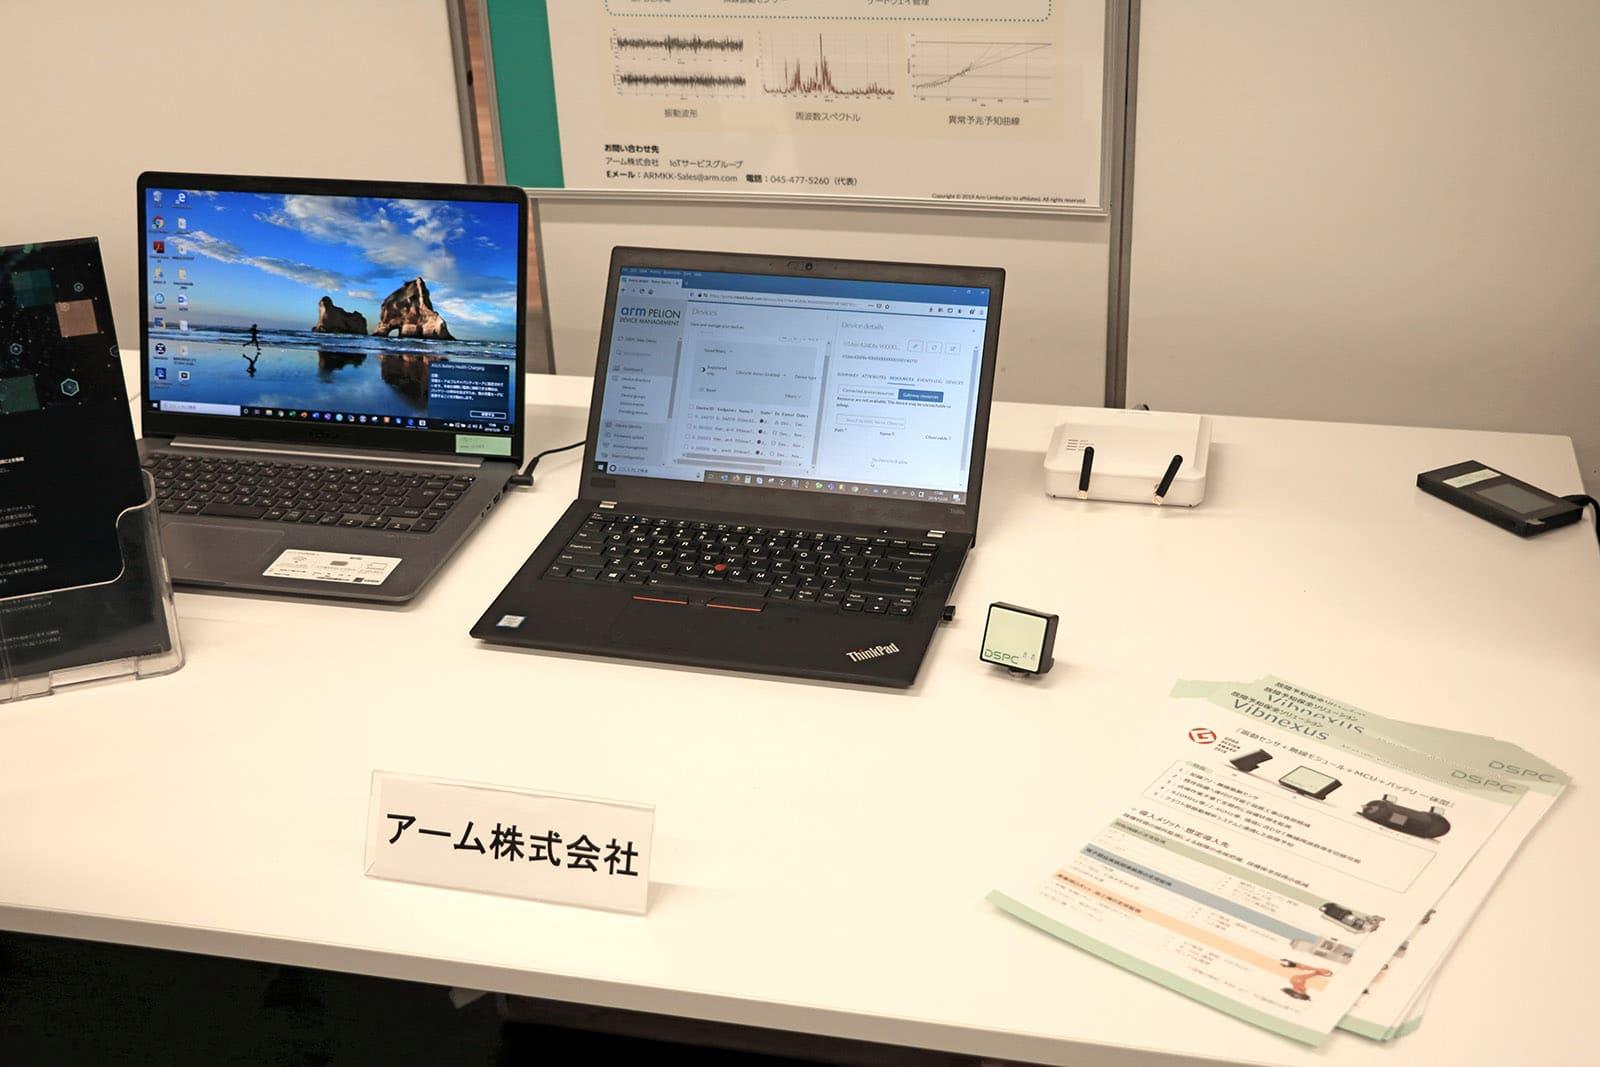 「エネルギーハーベスティング対応回転機器予知保全ソリューション」のデモの様子。真中央のノートPCの右側にある箱型のデバイスが無線振動センサーモジュール Vibnexusである。